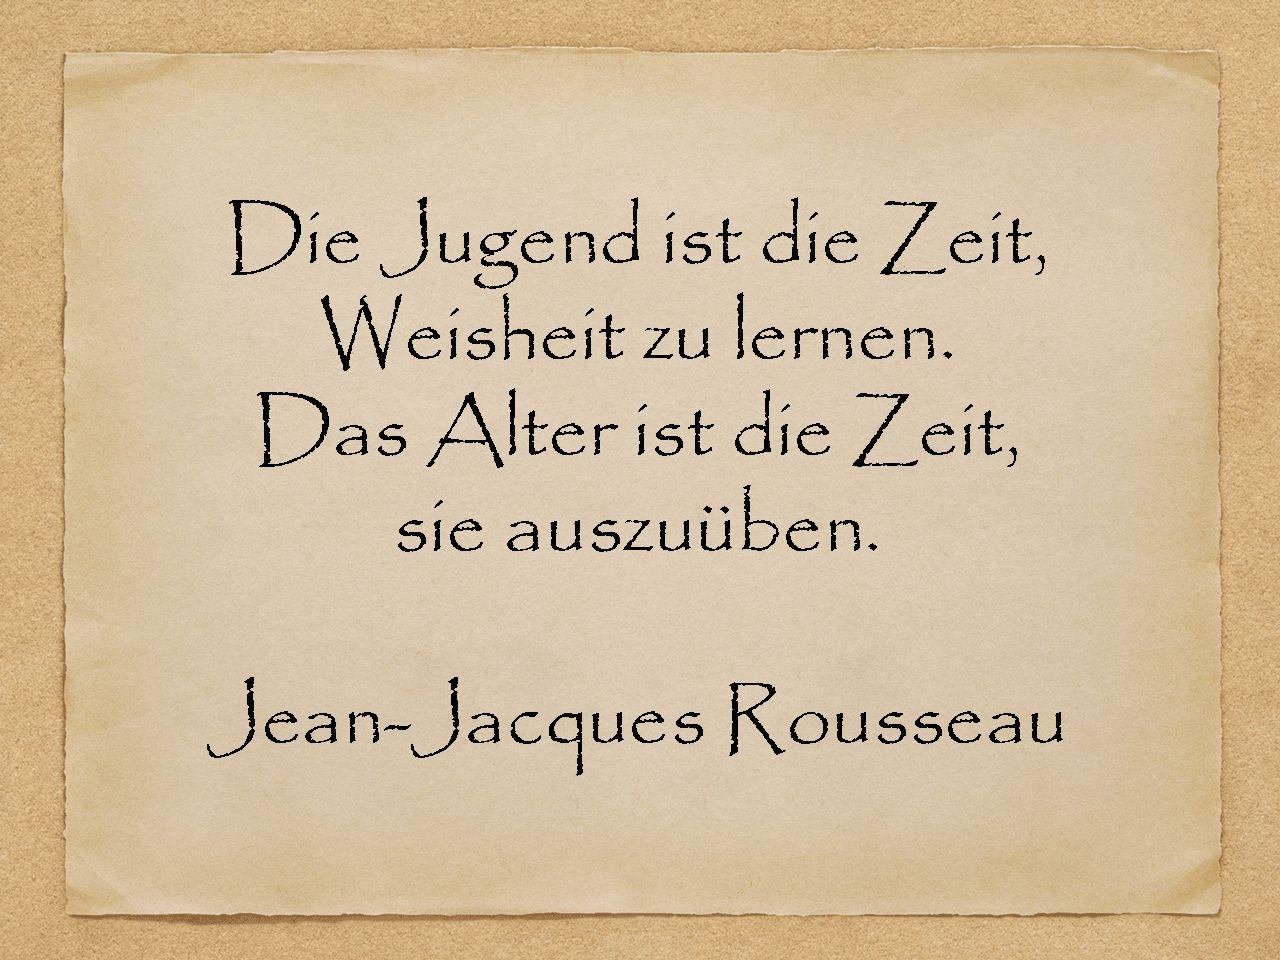 Die Jugend Ist Jean Jacques Rousseau Weisheiten Zitate Alter